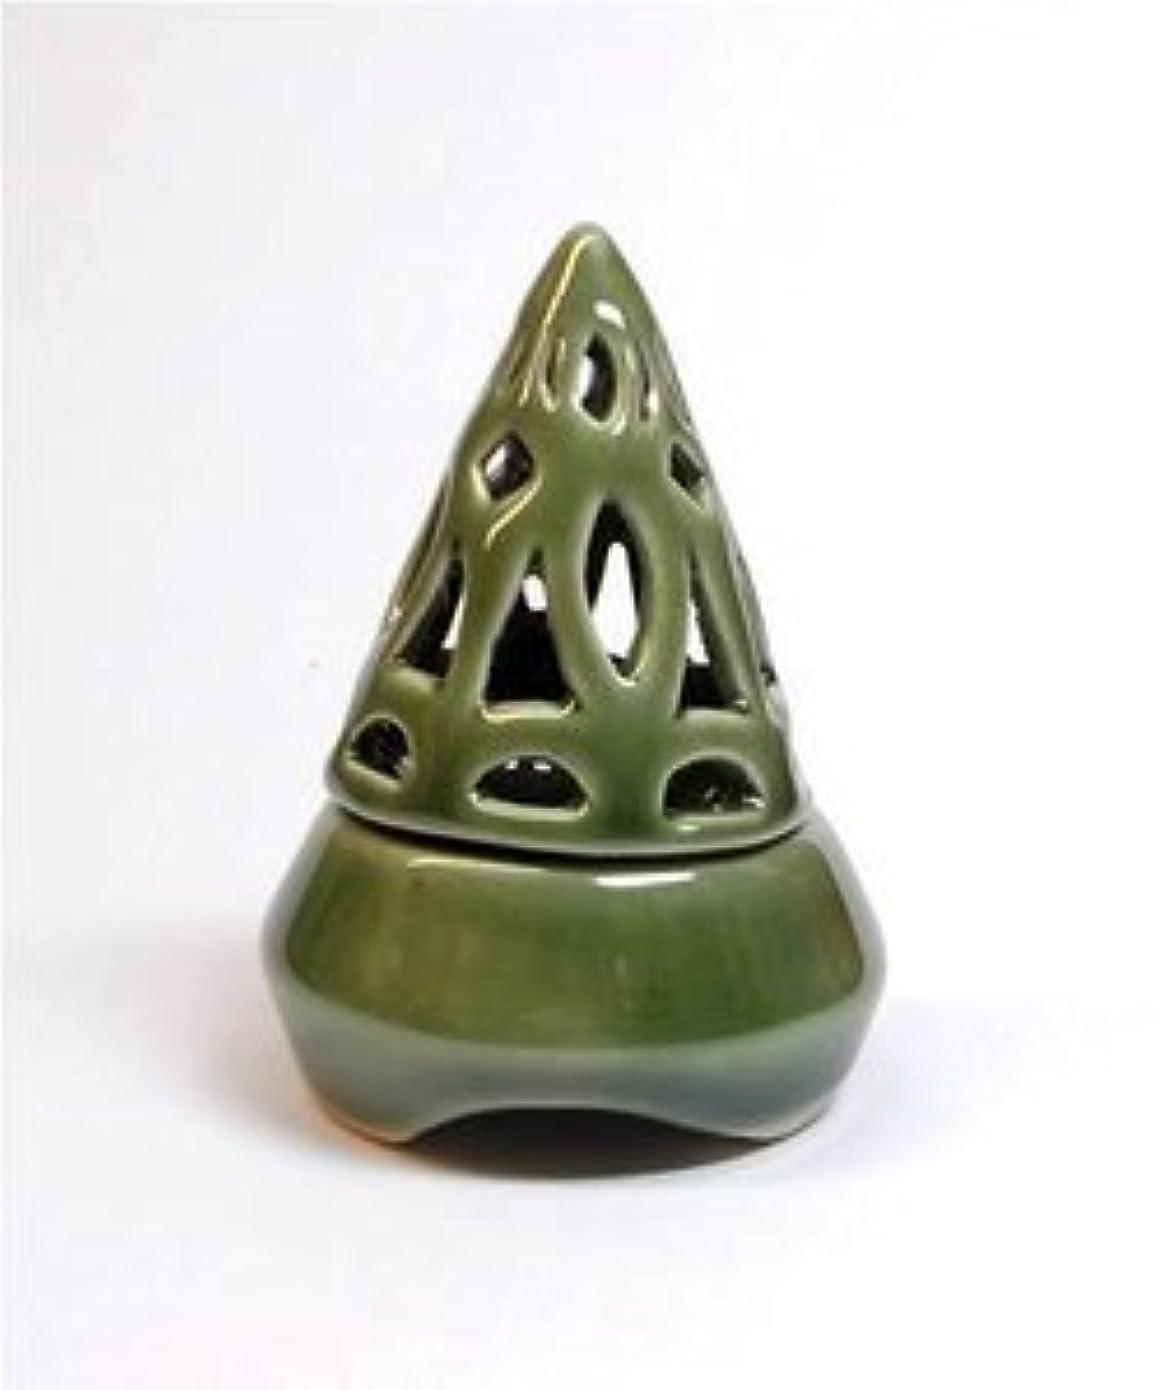 撤退冷蔵するデータ香炉コーン型 緑 インセンス ホルダー コーン用 お香立て アジアン雑貨